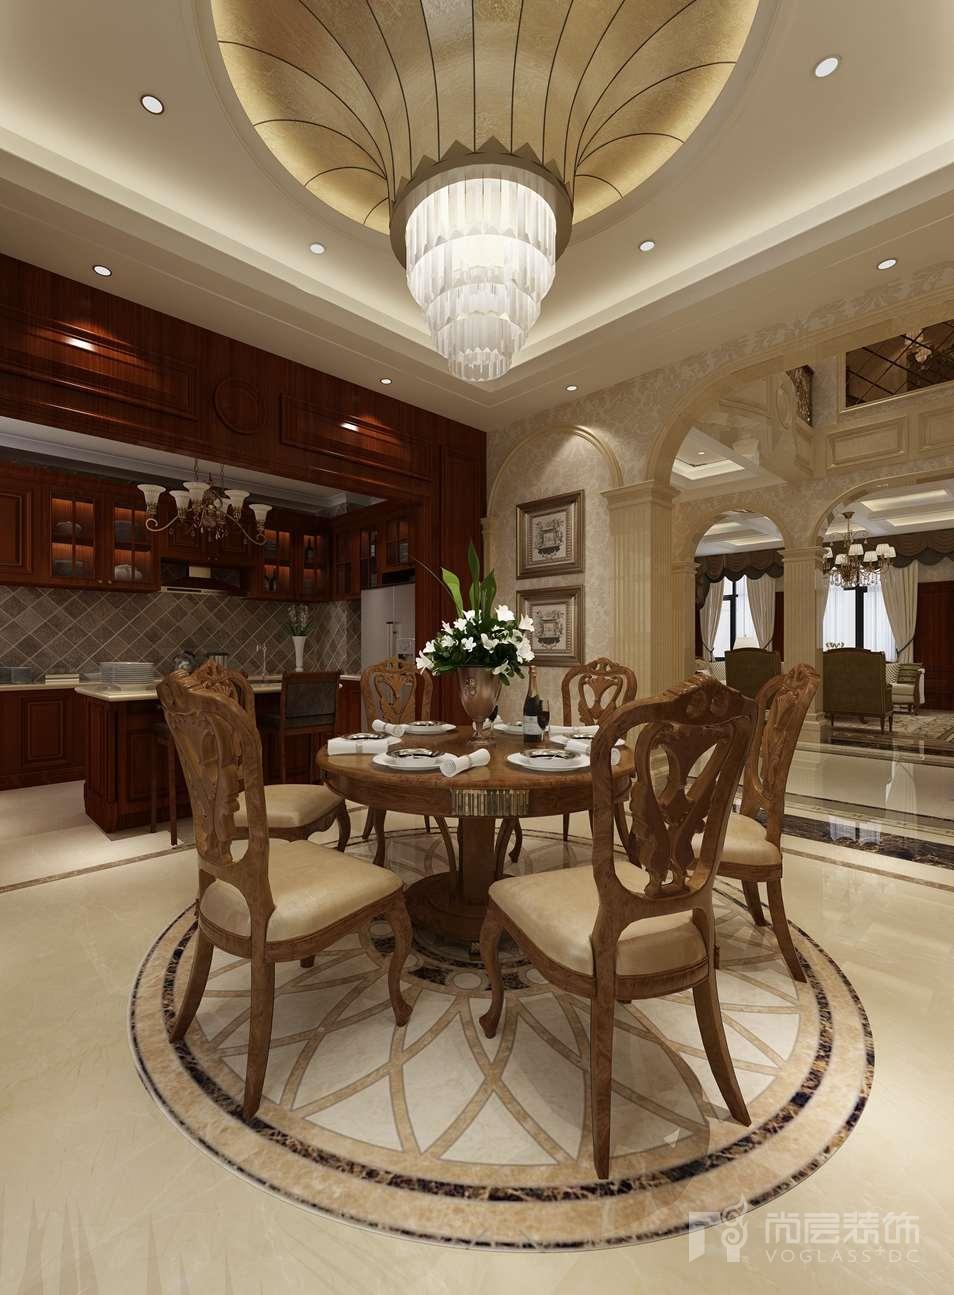 中厅、餐厅与客厅的界限用大理石装饰柱和拱券来分割,空间得以相互融通,视觉上更加宽敞明快。在原有楼梯的基础上增加了用大理石包裹的电梯,方便了家里行动不便的老人。在电梯门开门的瞬间,映入眼帘的大理石背景墙让人眼前一亮。铜色的镜面不仅让整个空间宽阔明亮,更给空间增加了的一份层次与质感。